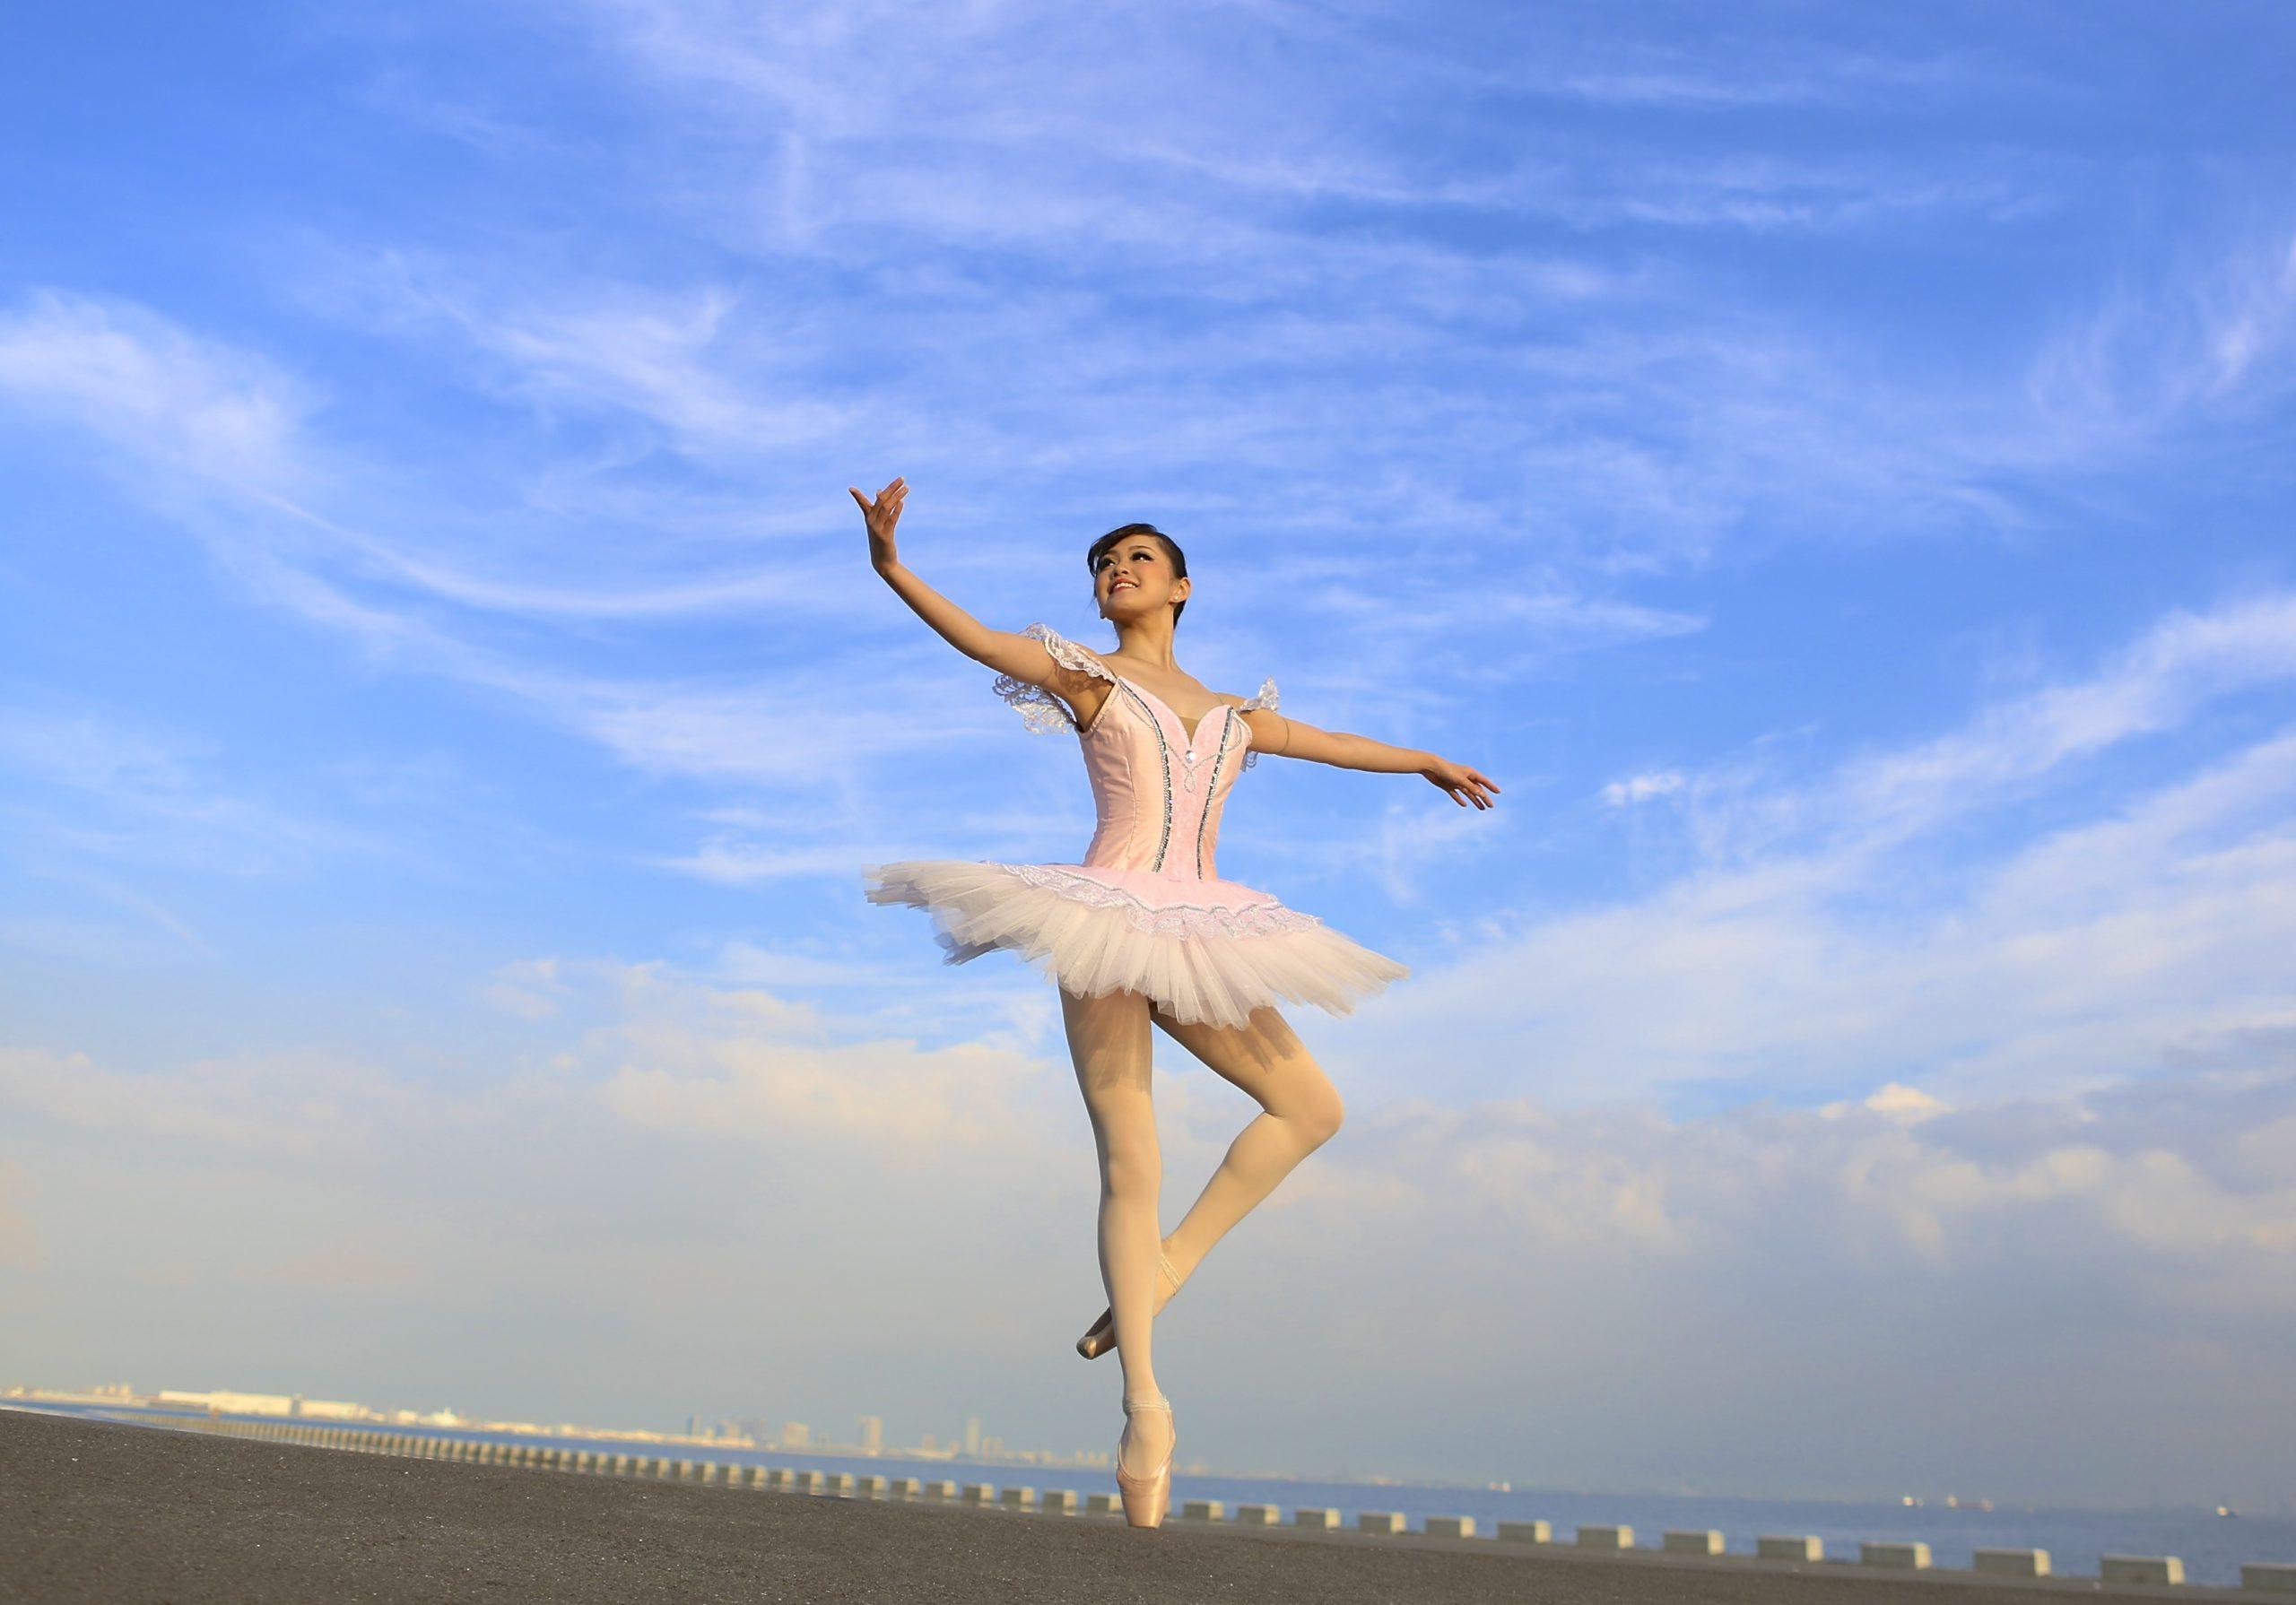 中目黒の初心者向けクラシックバレエ教室 レッスンイメージ